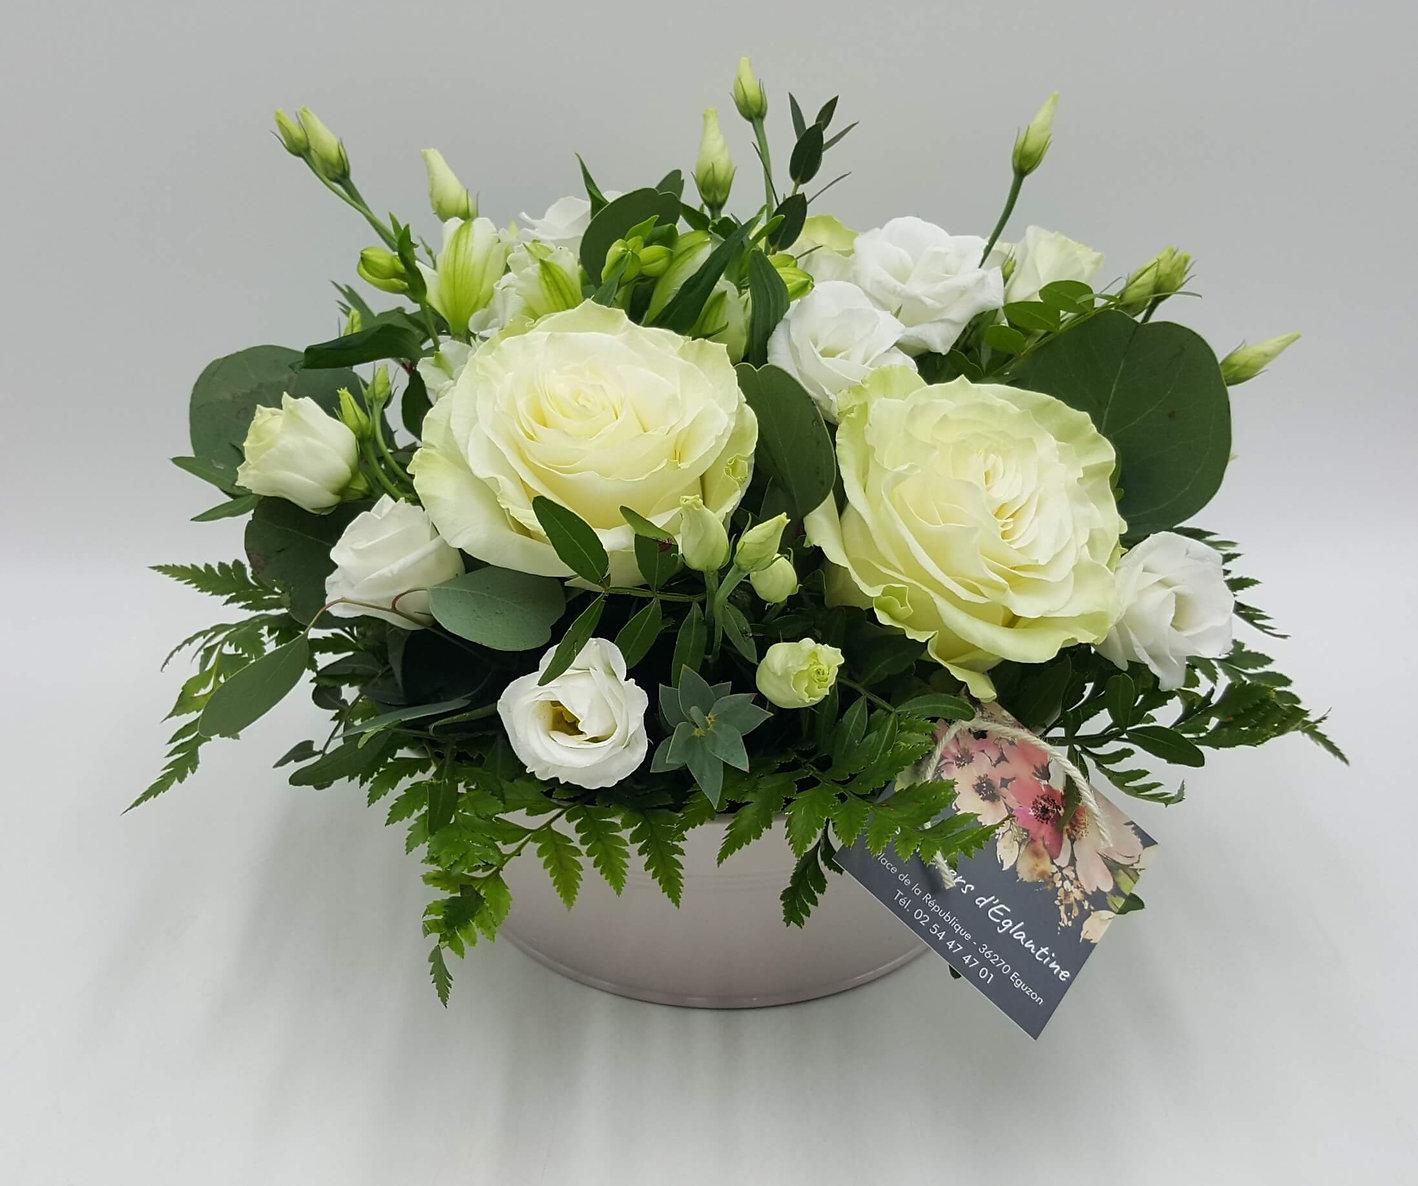 LES ATELIERS D'EGLANTINE, Fleuriste à Eguzon - Créations florales (Indre 36)